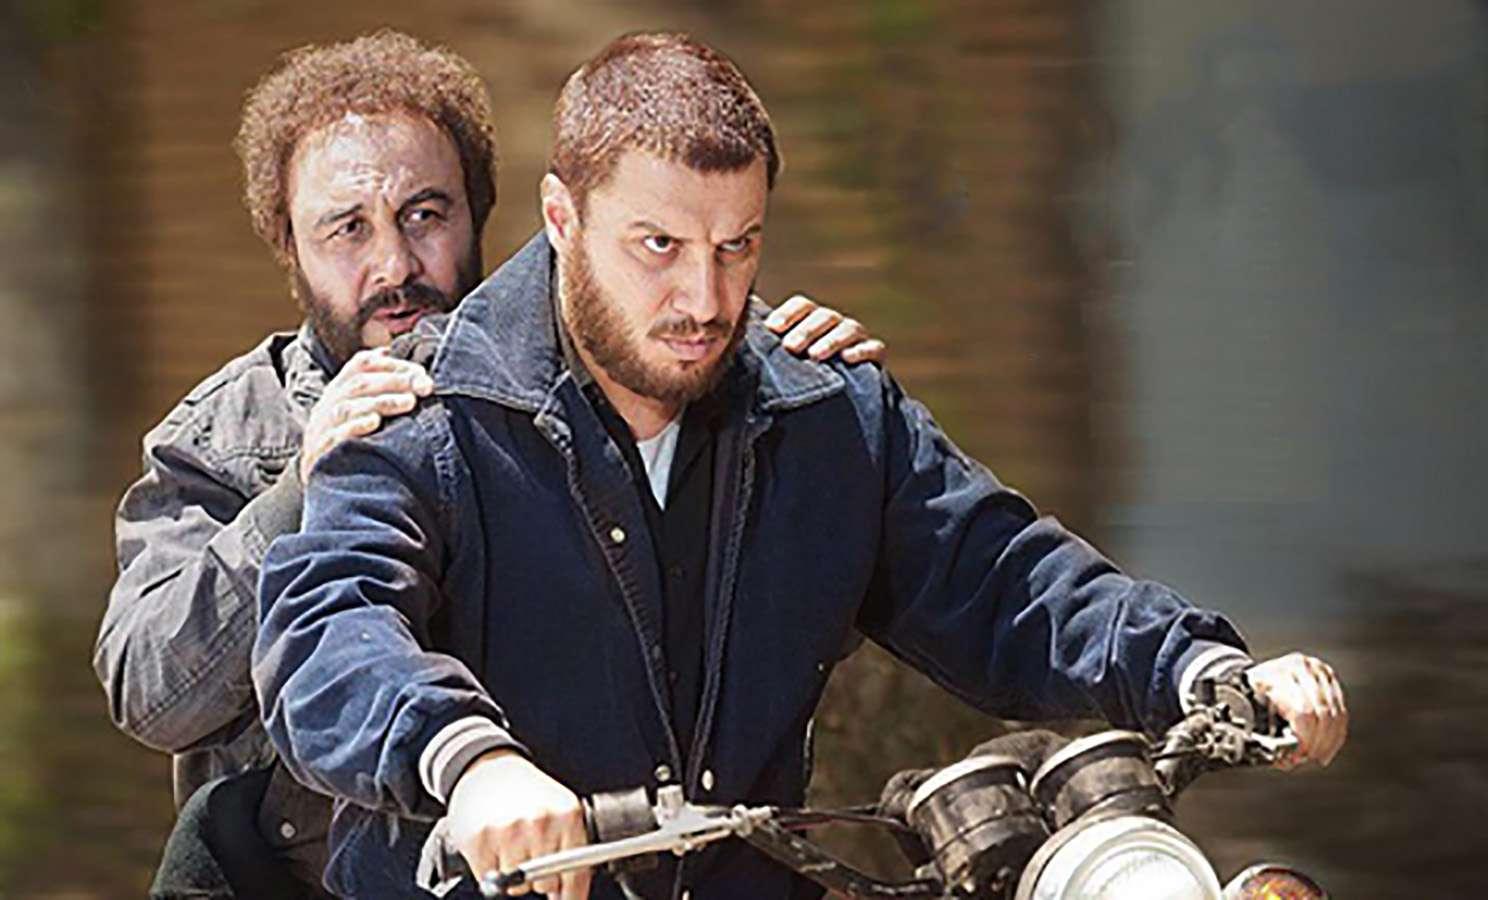 فروش ۶۱ میلیاردی سینمای ایران در سه ماه دوم سال/ «هزارپا» فیلمی که یکتنه ناجی سینمای ایران شد